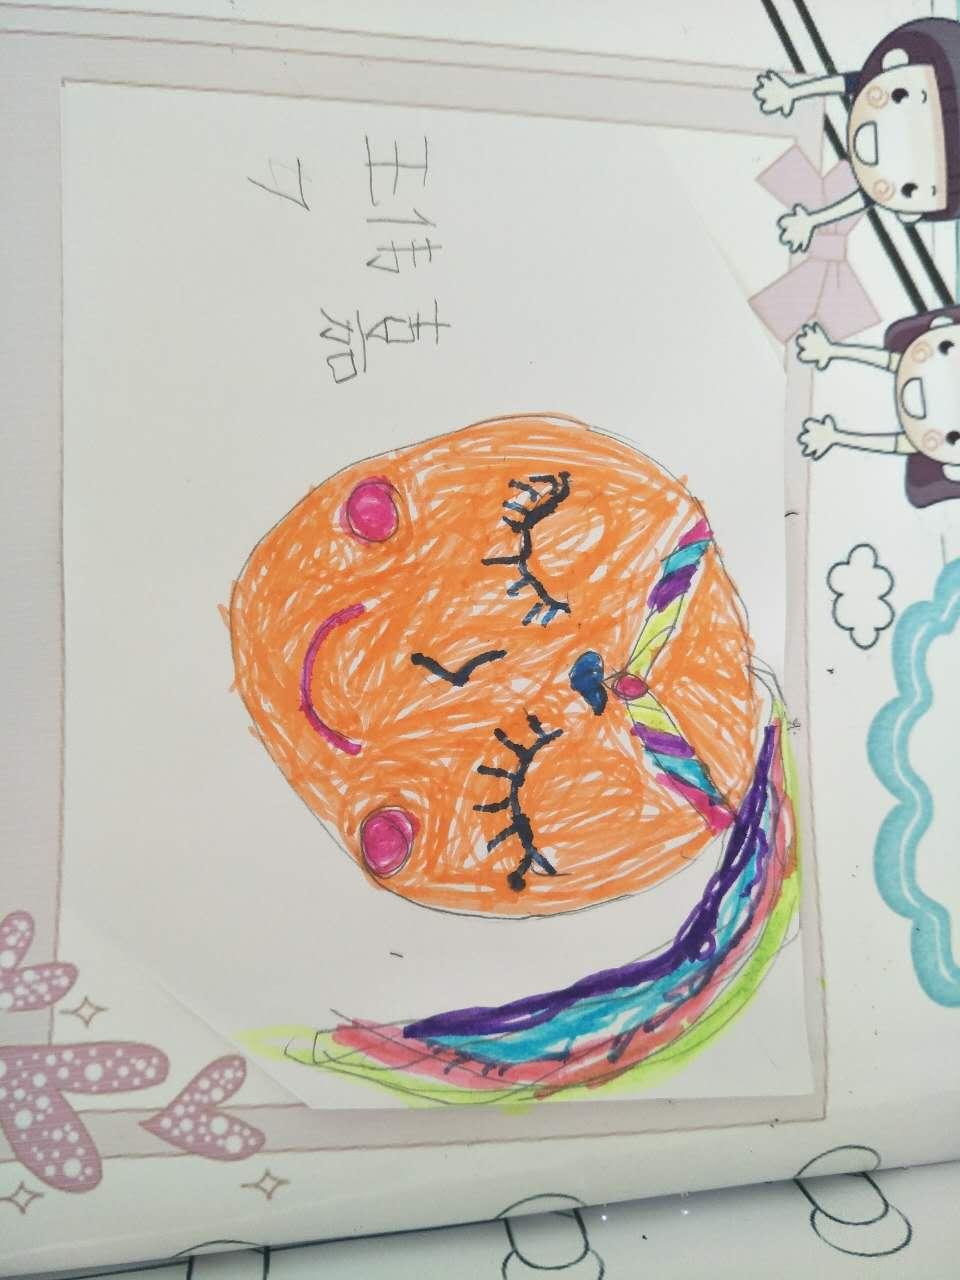 之后用水彩笔在自画像的各个部分涂上自己喜欢的不同的颜色.